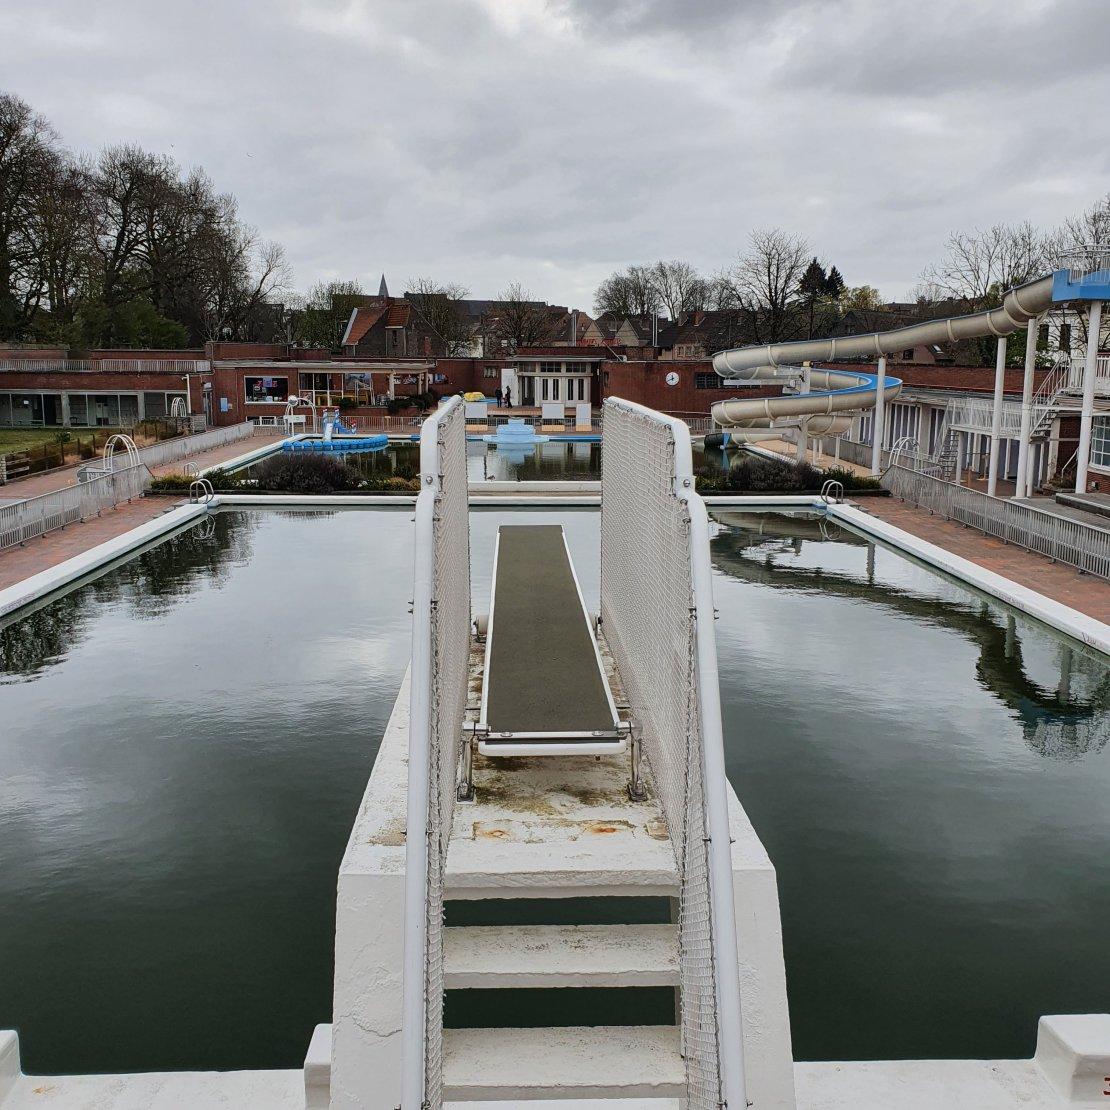 Openluchtzwembad - Abdijkaai - Kortrijk